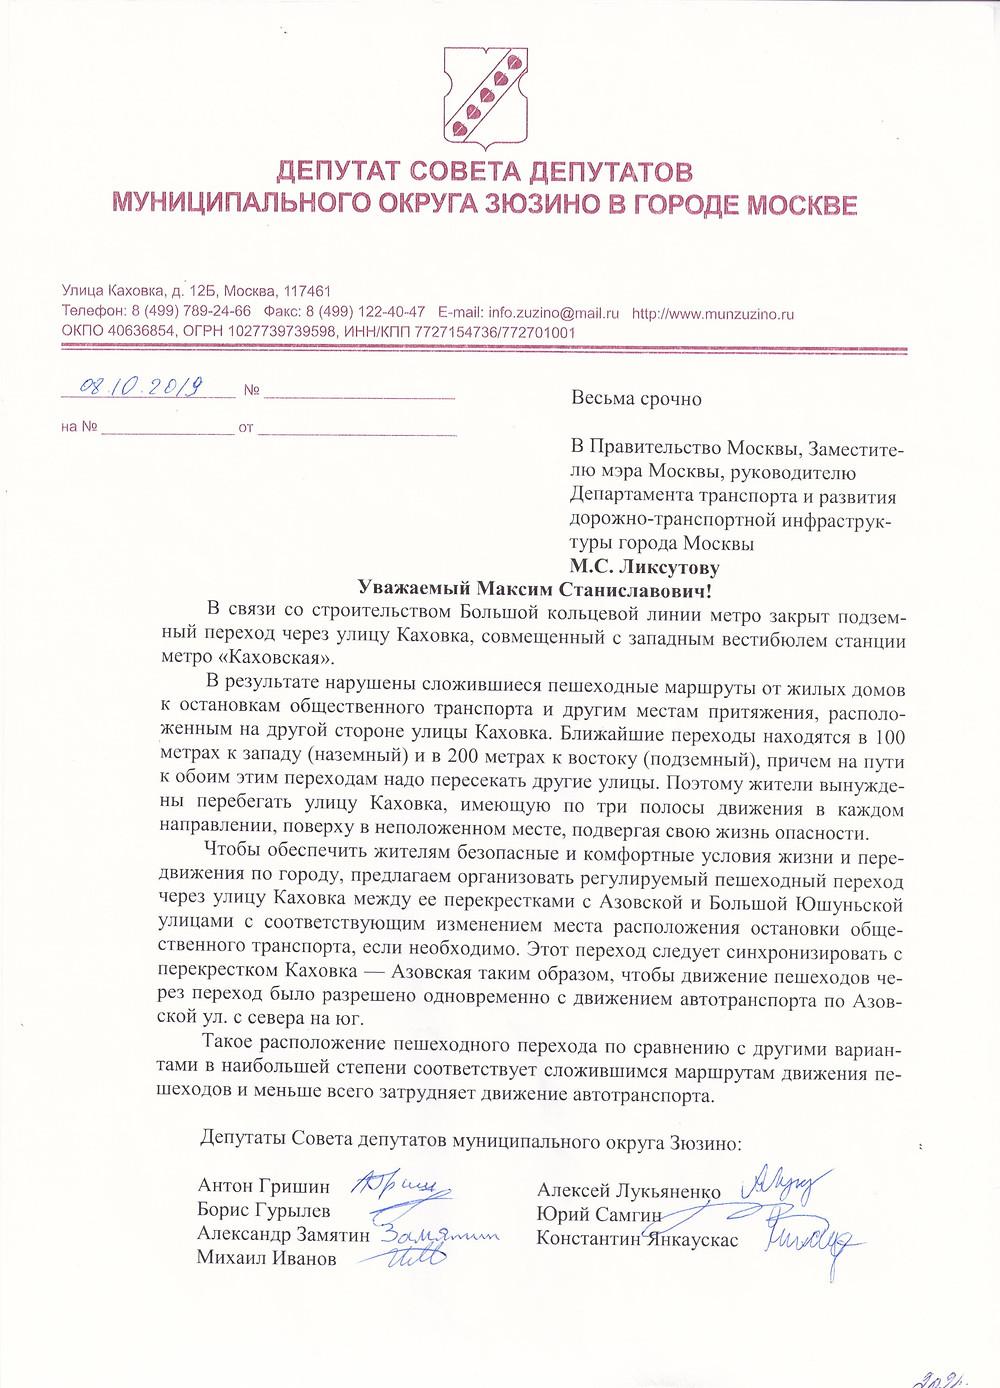 Обращение депутатов МО Зюзино от 8 октября 2019 о переходе через ул. Каховка